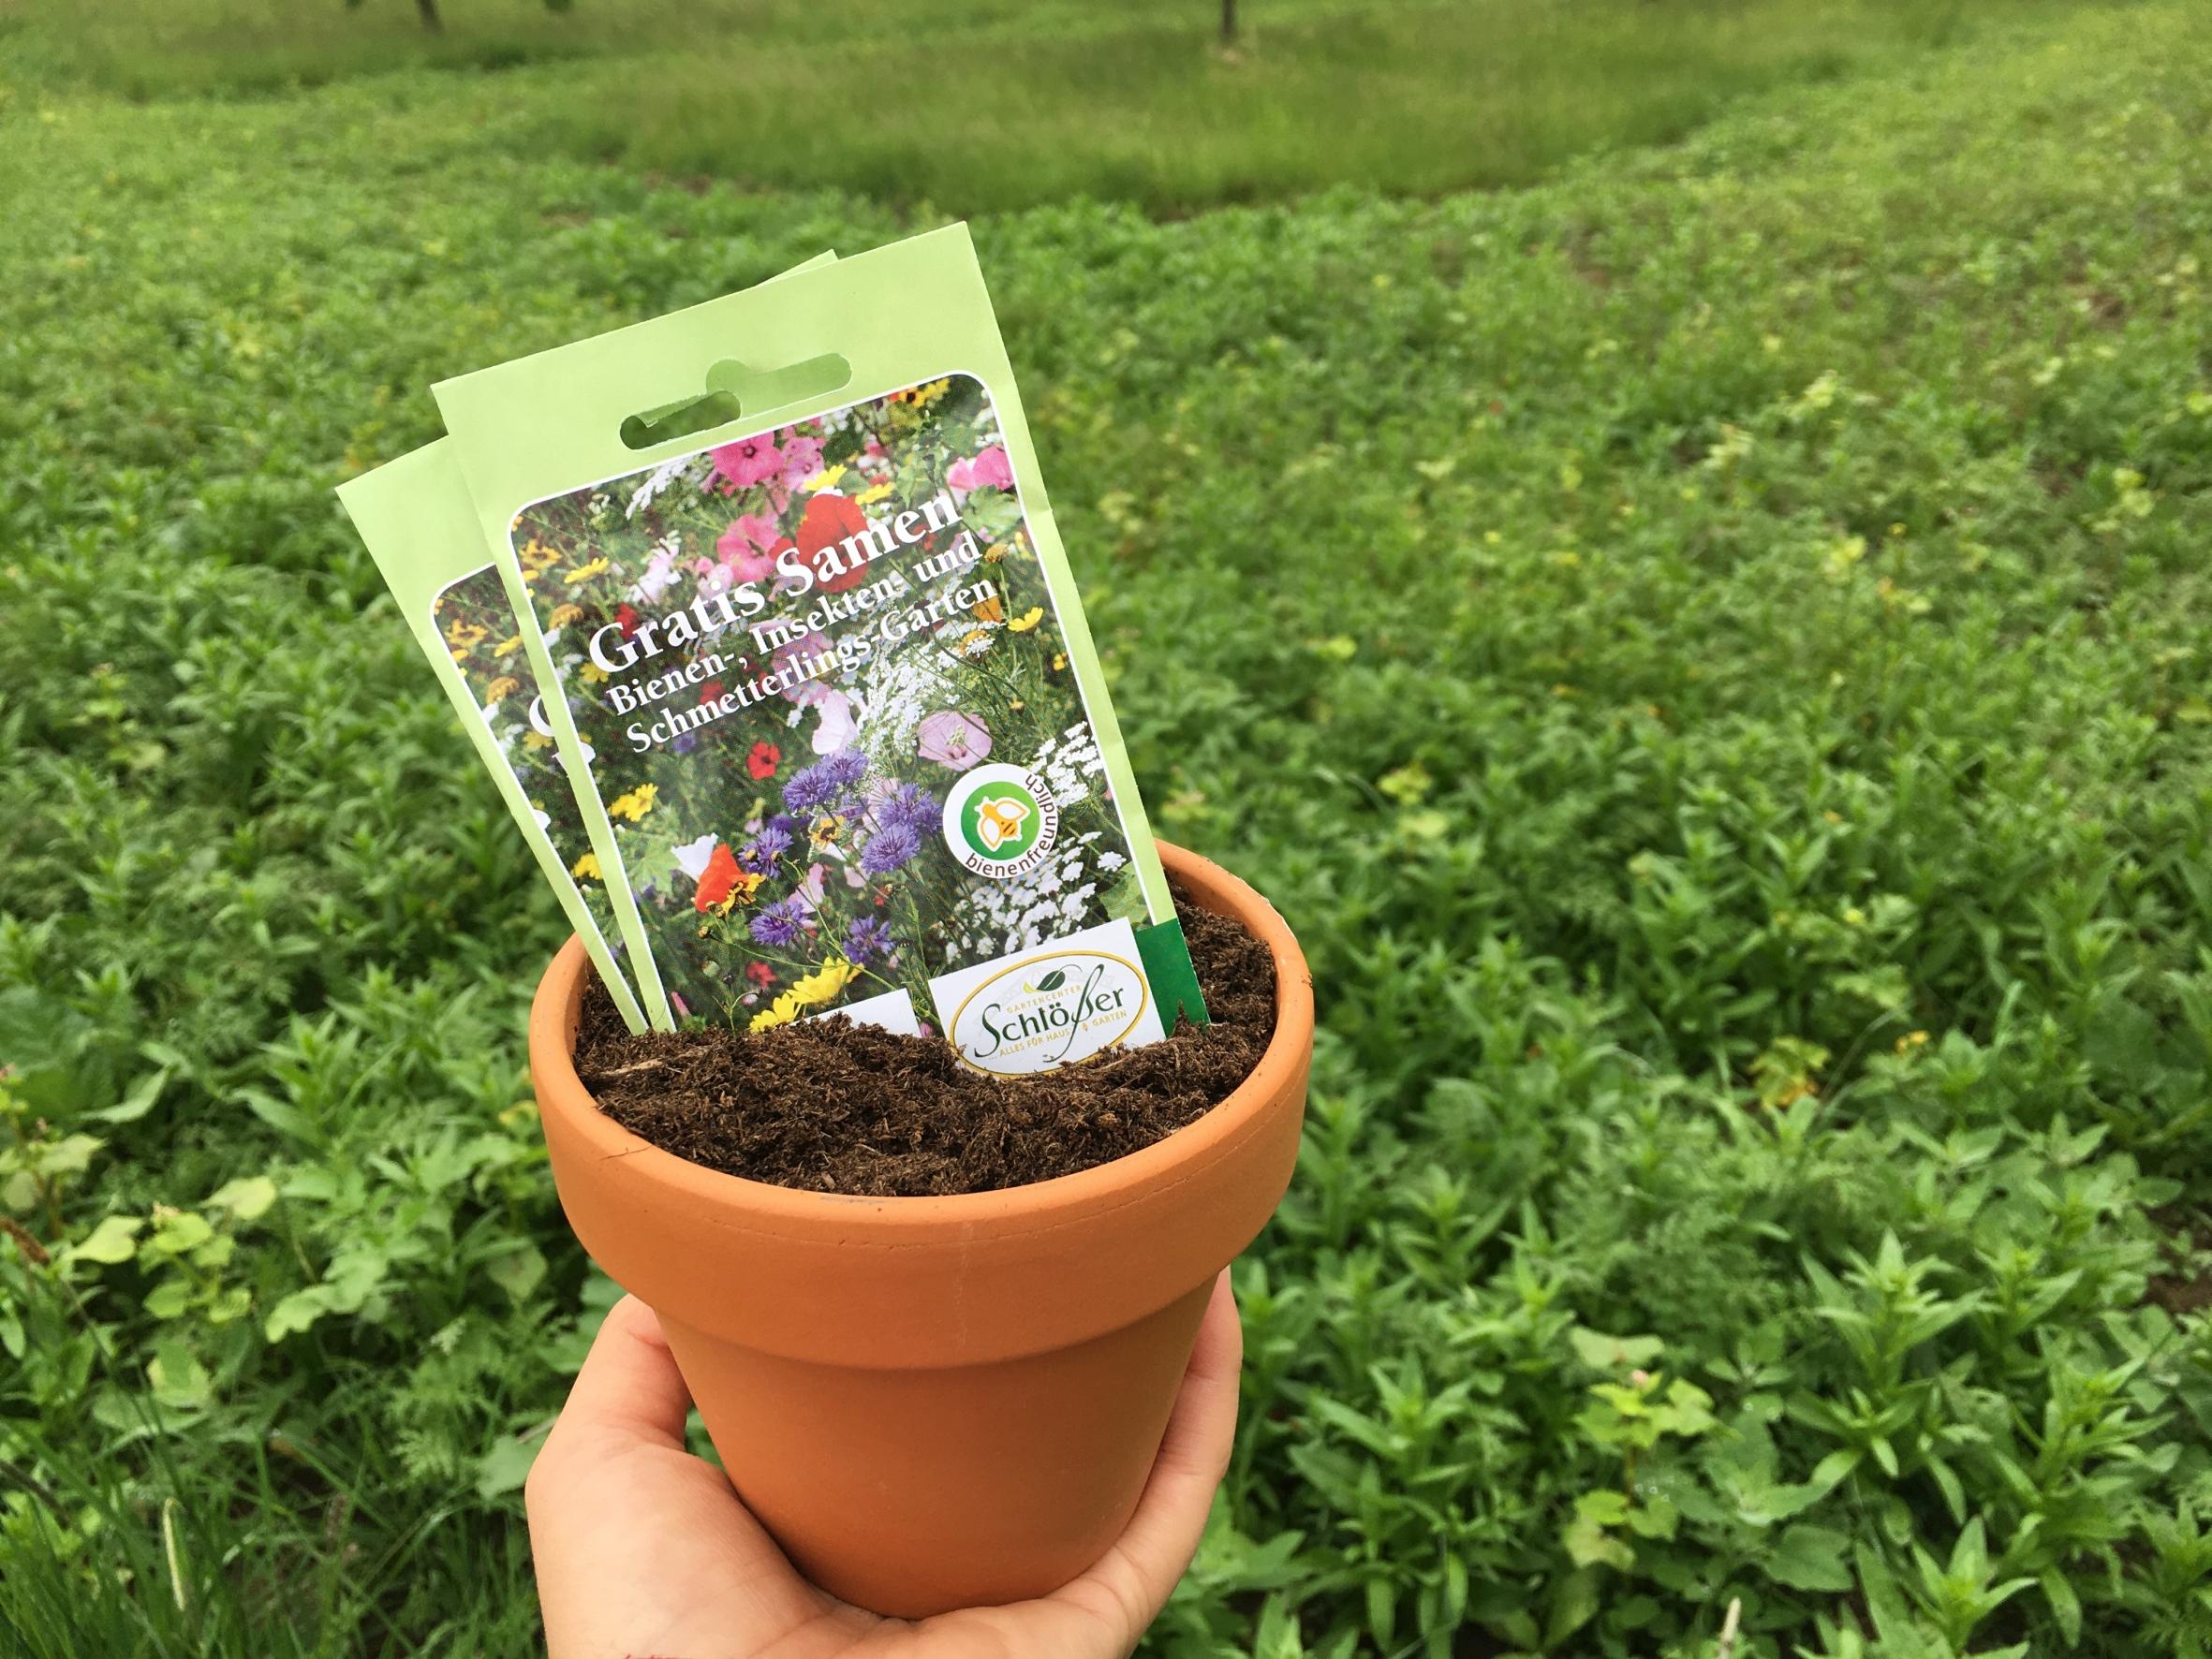 Atemberaubend Kinderleicht: Mit Blumenwiesen Bienen retten - Das Grüne Medienhaus @YN_95